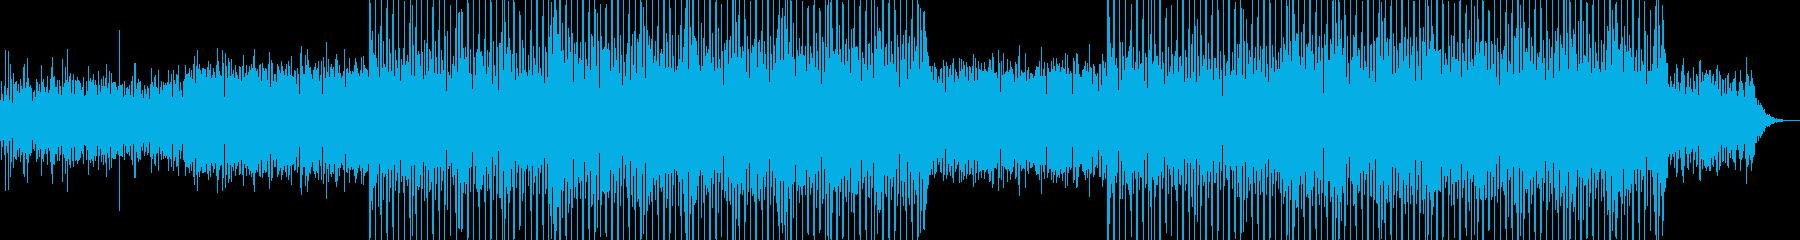 ニュース映像ナレーションバック向け-20の再生済みの波形